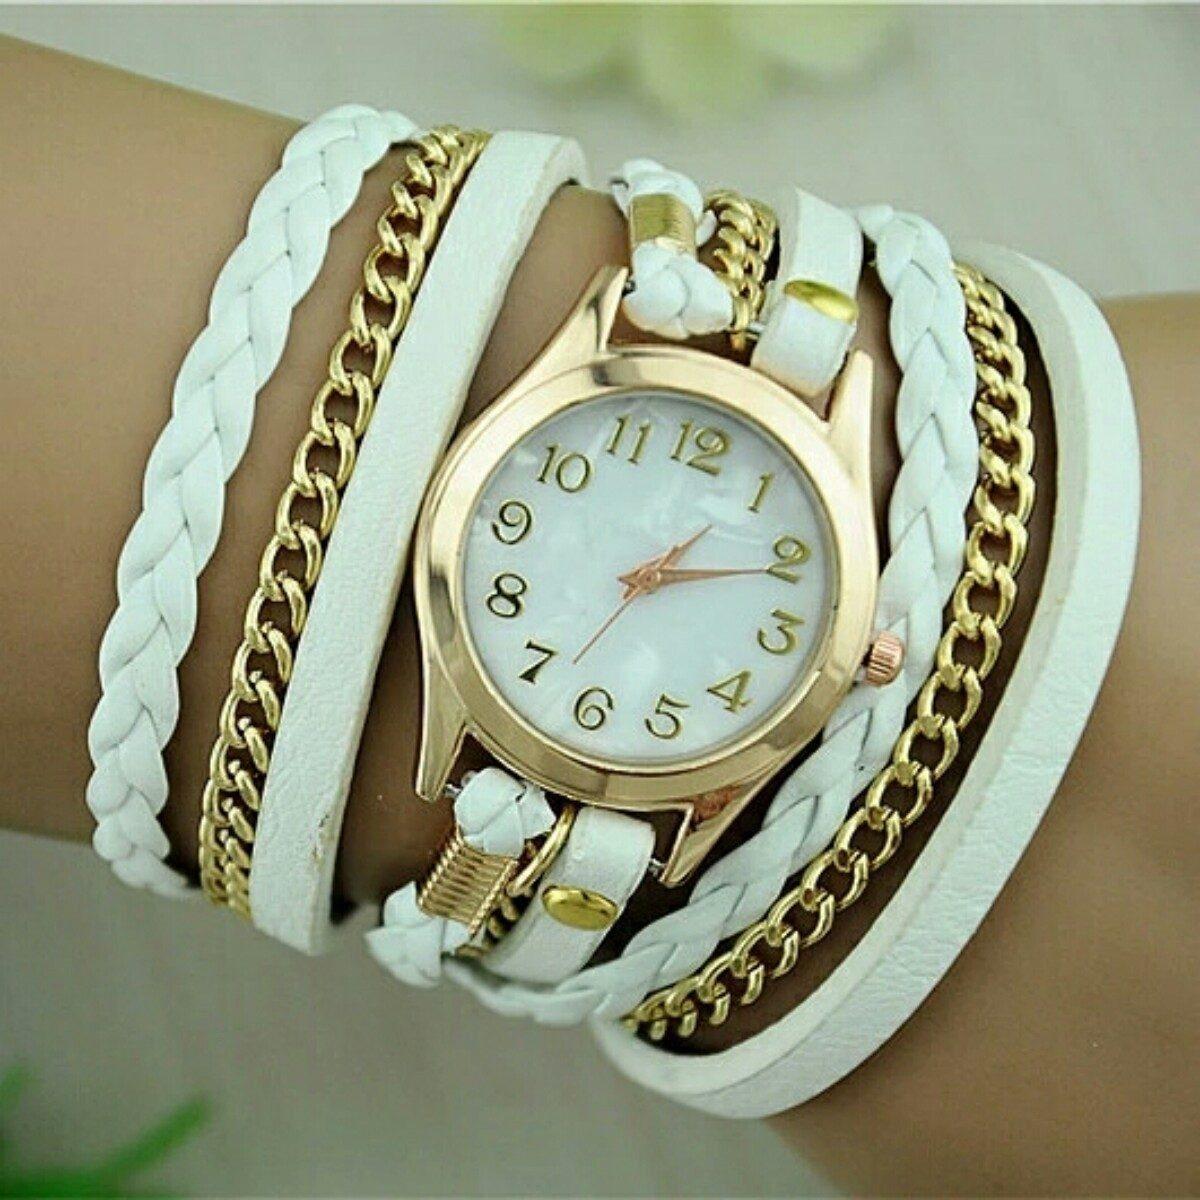 b7653047713 Relogio Feminino Dourado De Couro Branco Bracelete Strass - R  35